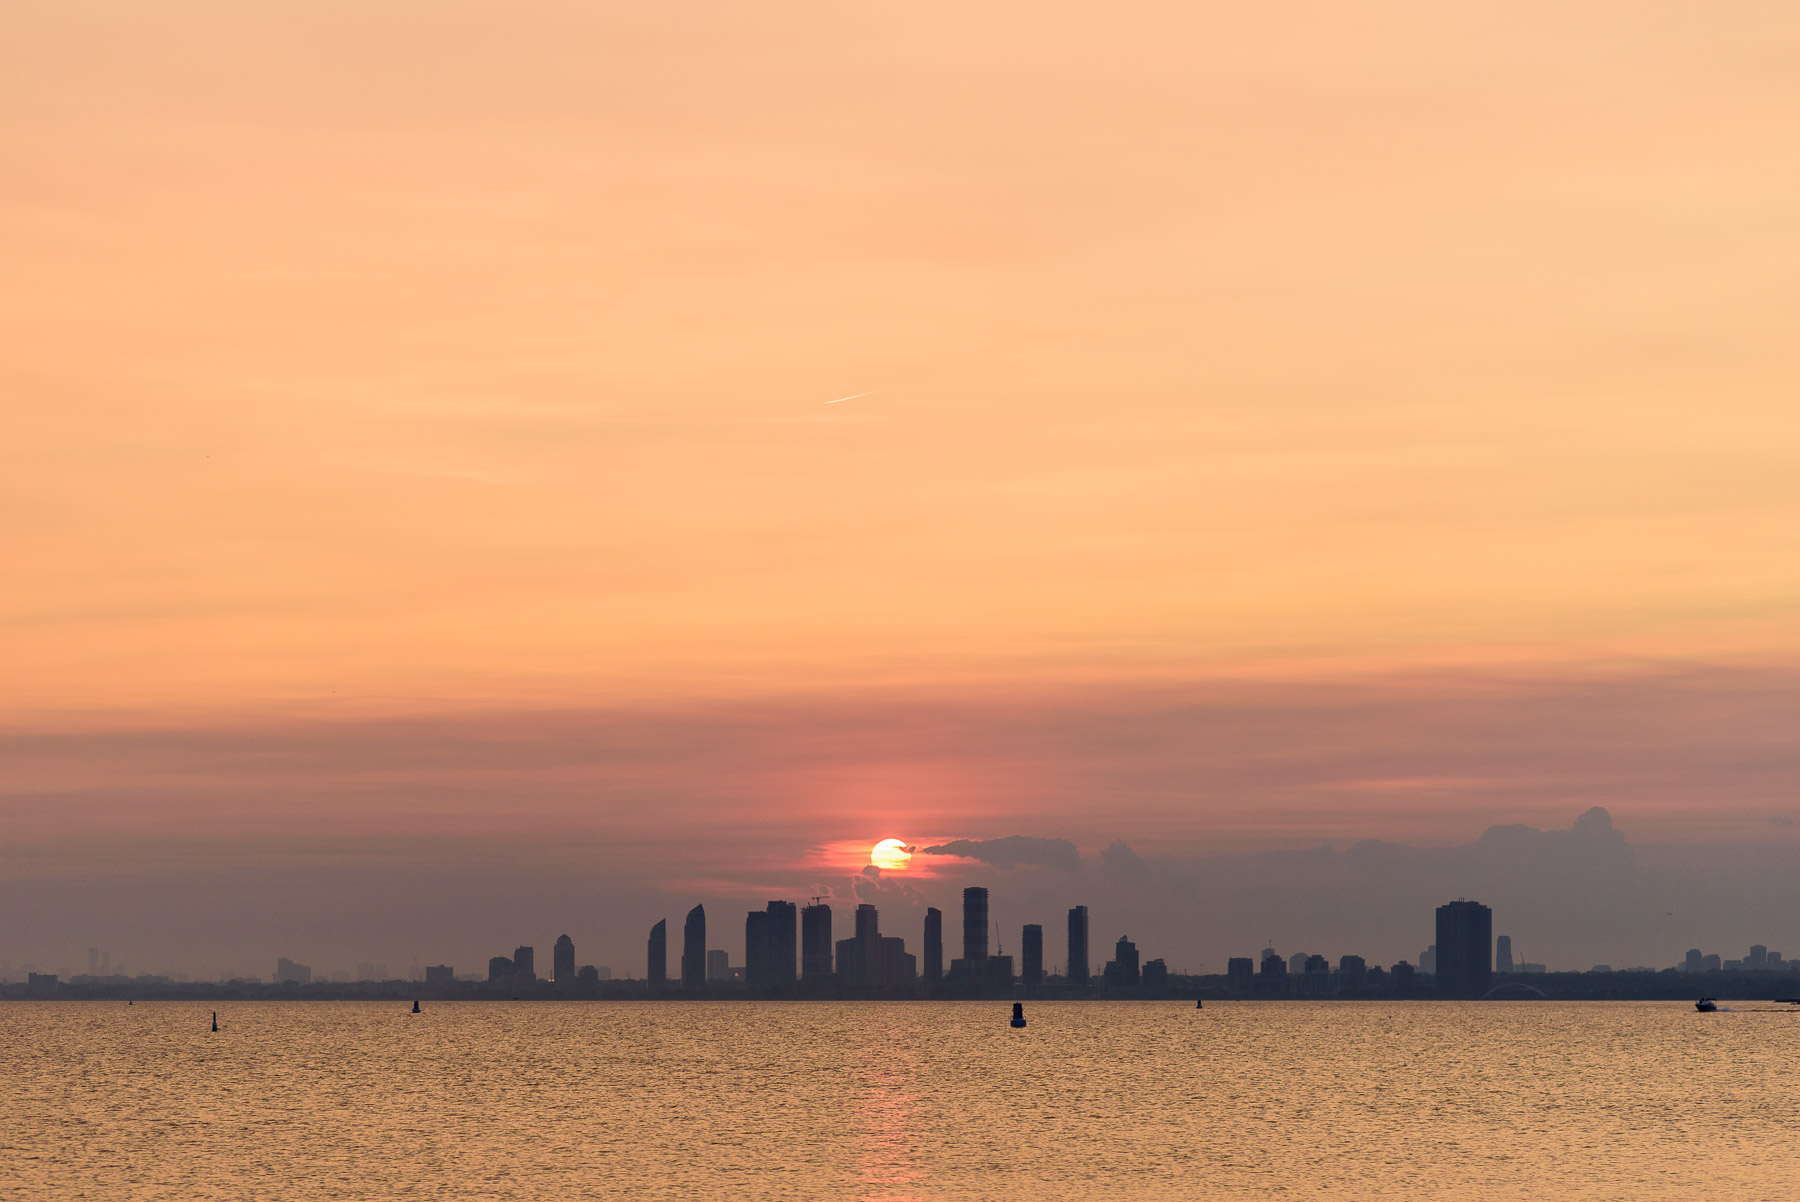 Sunset over Etobicoke